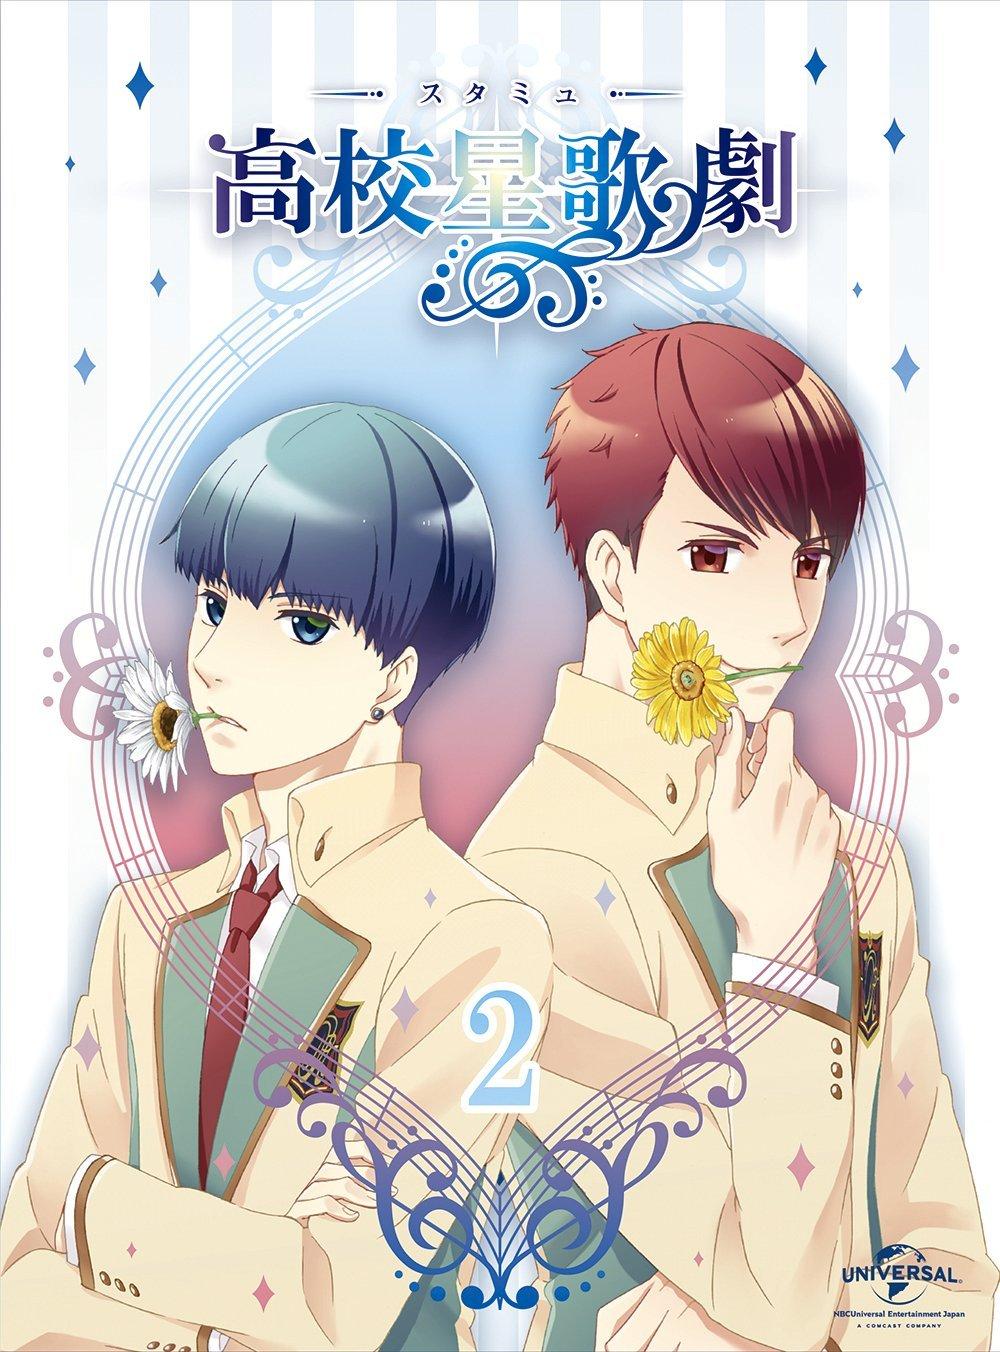 DVD/Blu-Ray 『スタミュ』第2巻